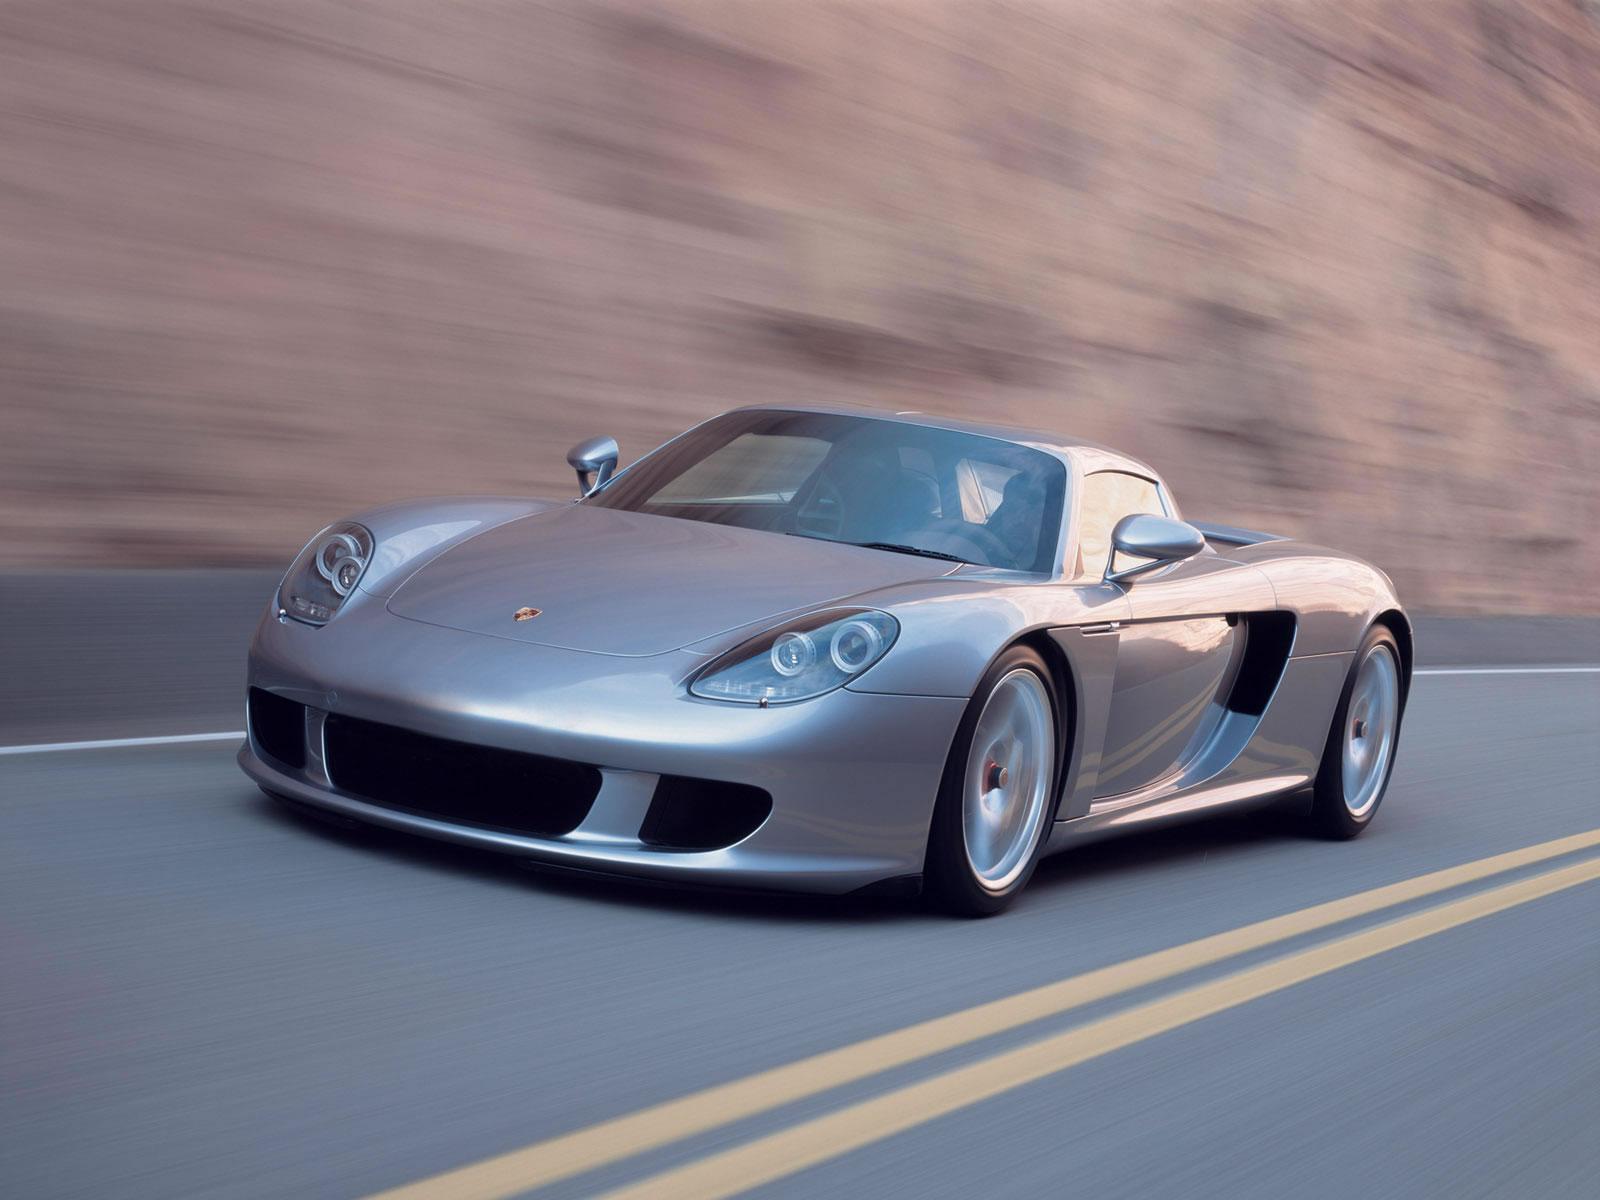 Fond d 39 ecran belles voitures photos 1037 wallpaper - Images de belles voitures ...